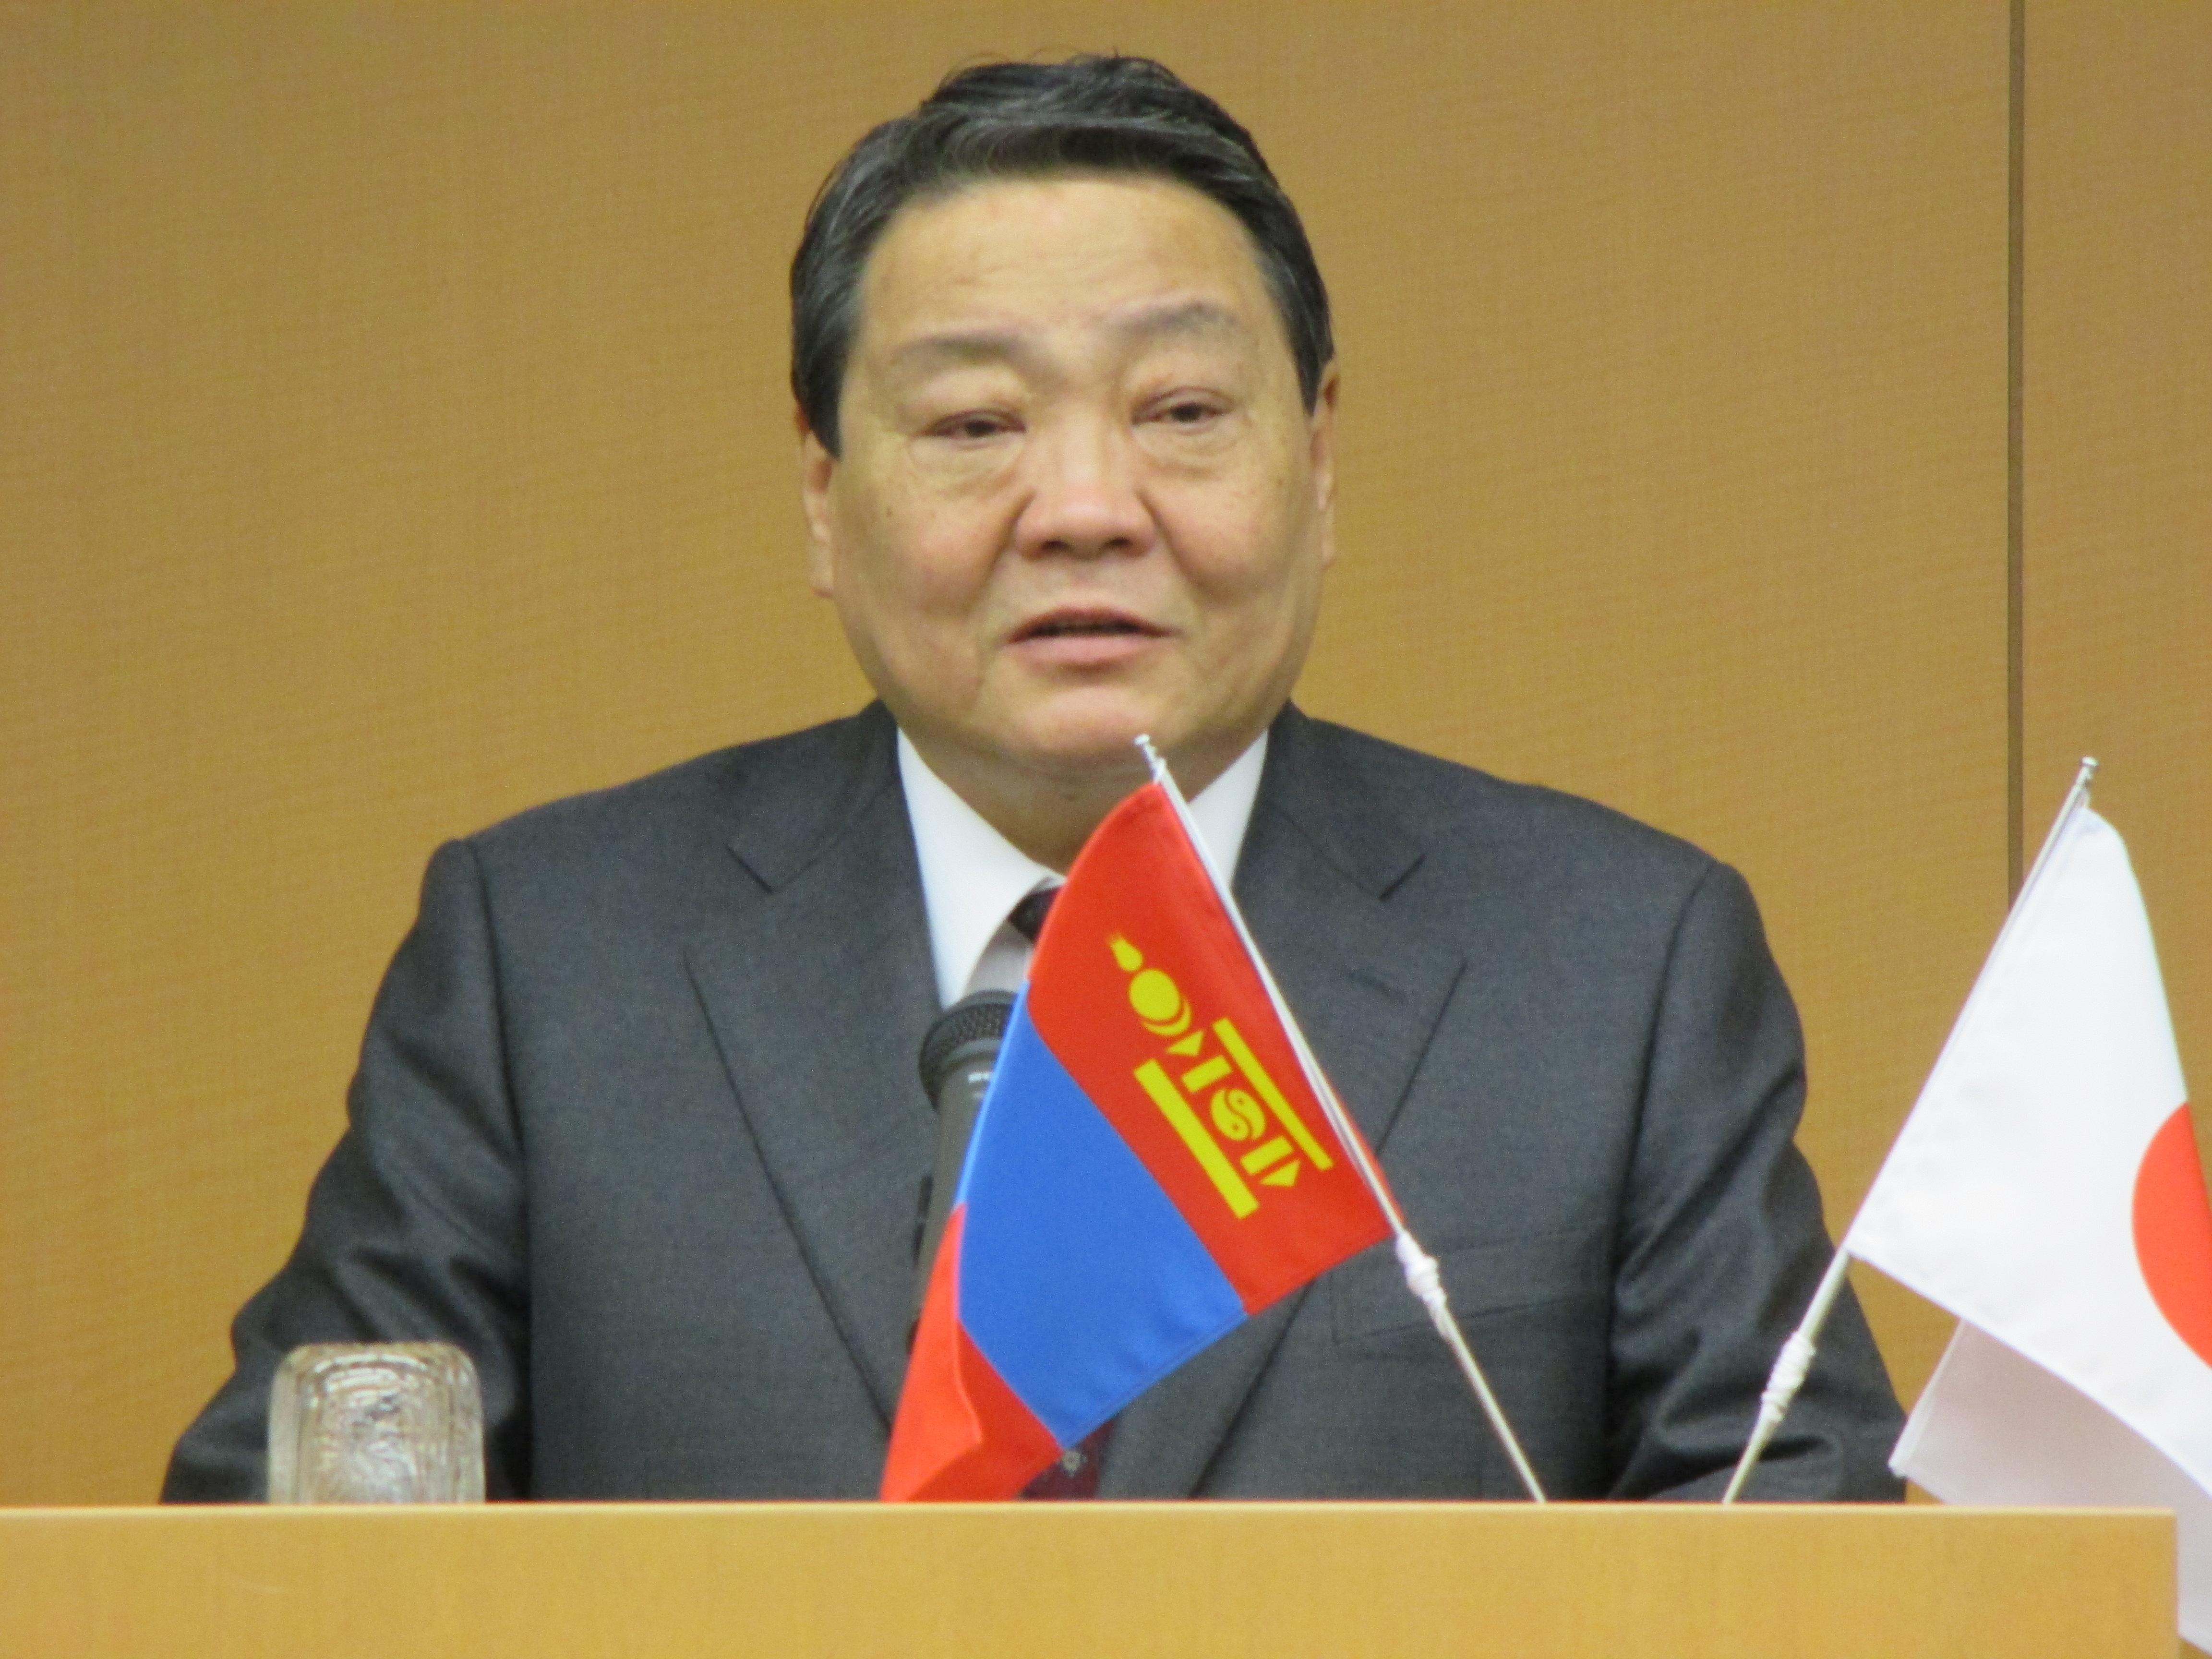 「日本に対しては3k(感謝・関心・期待)」とソドブジャムツ・フレバータル大使閣下